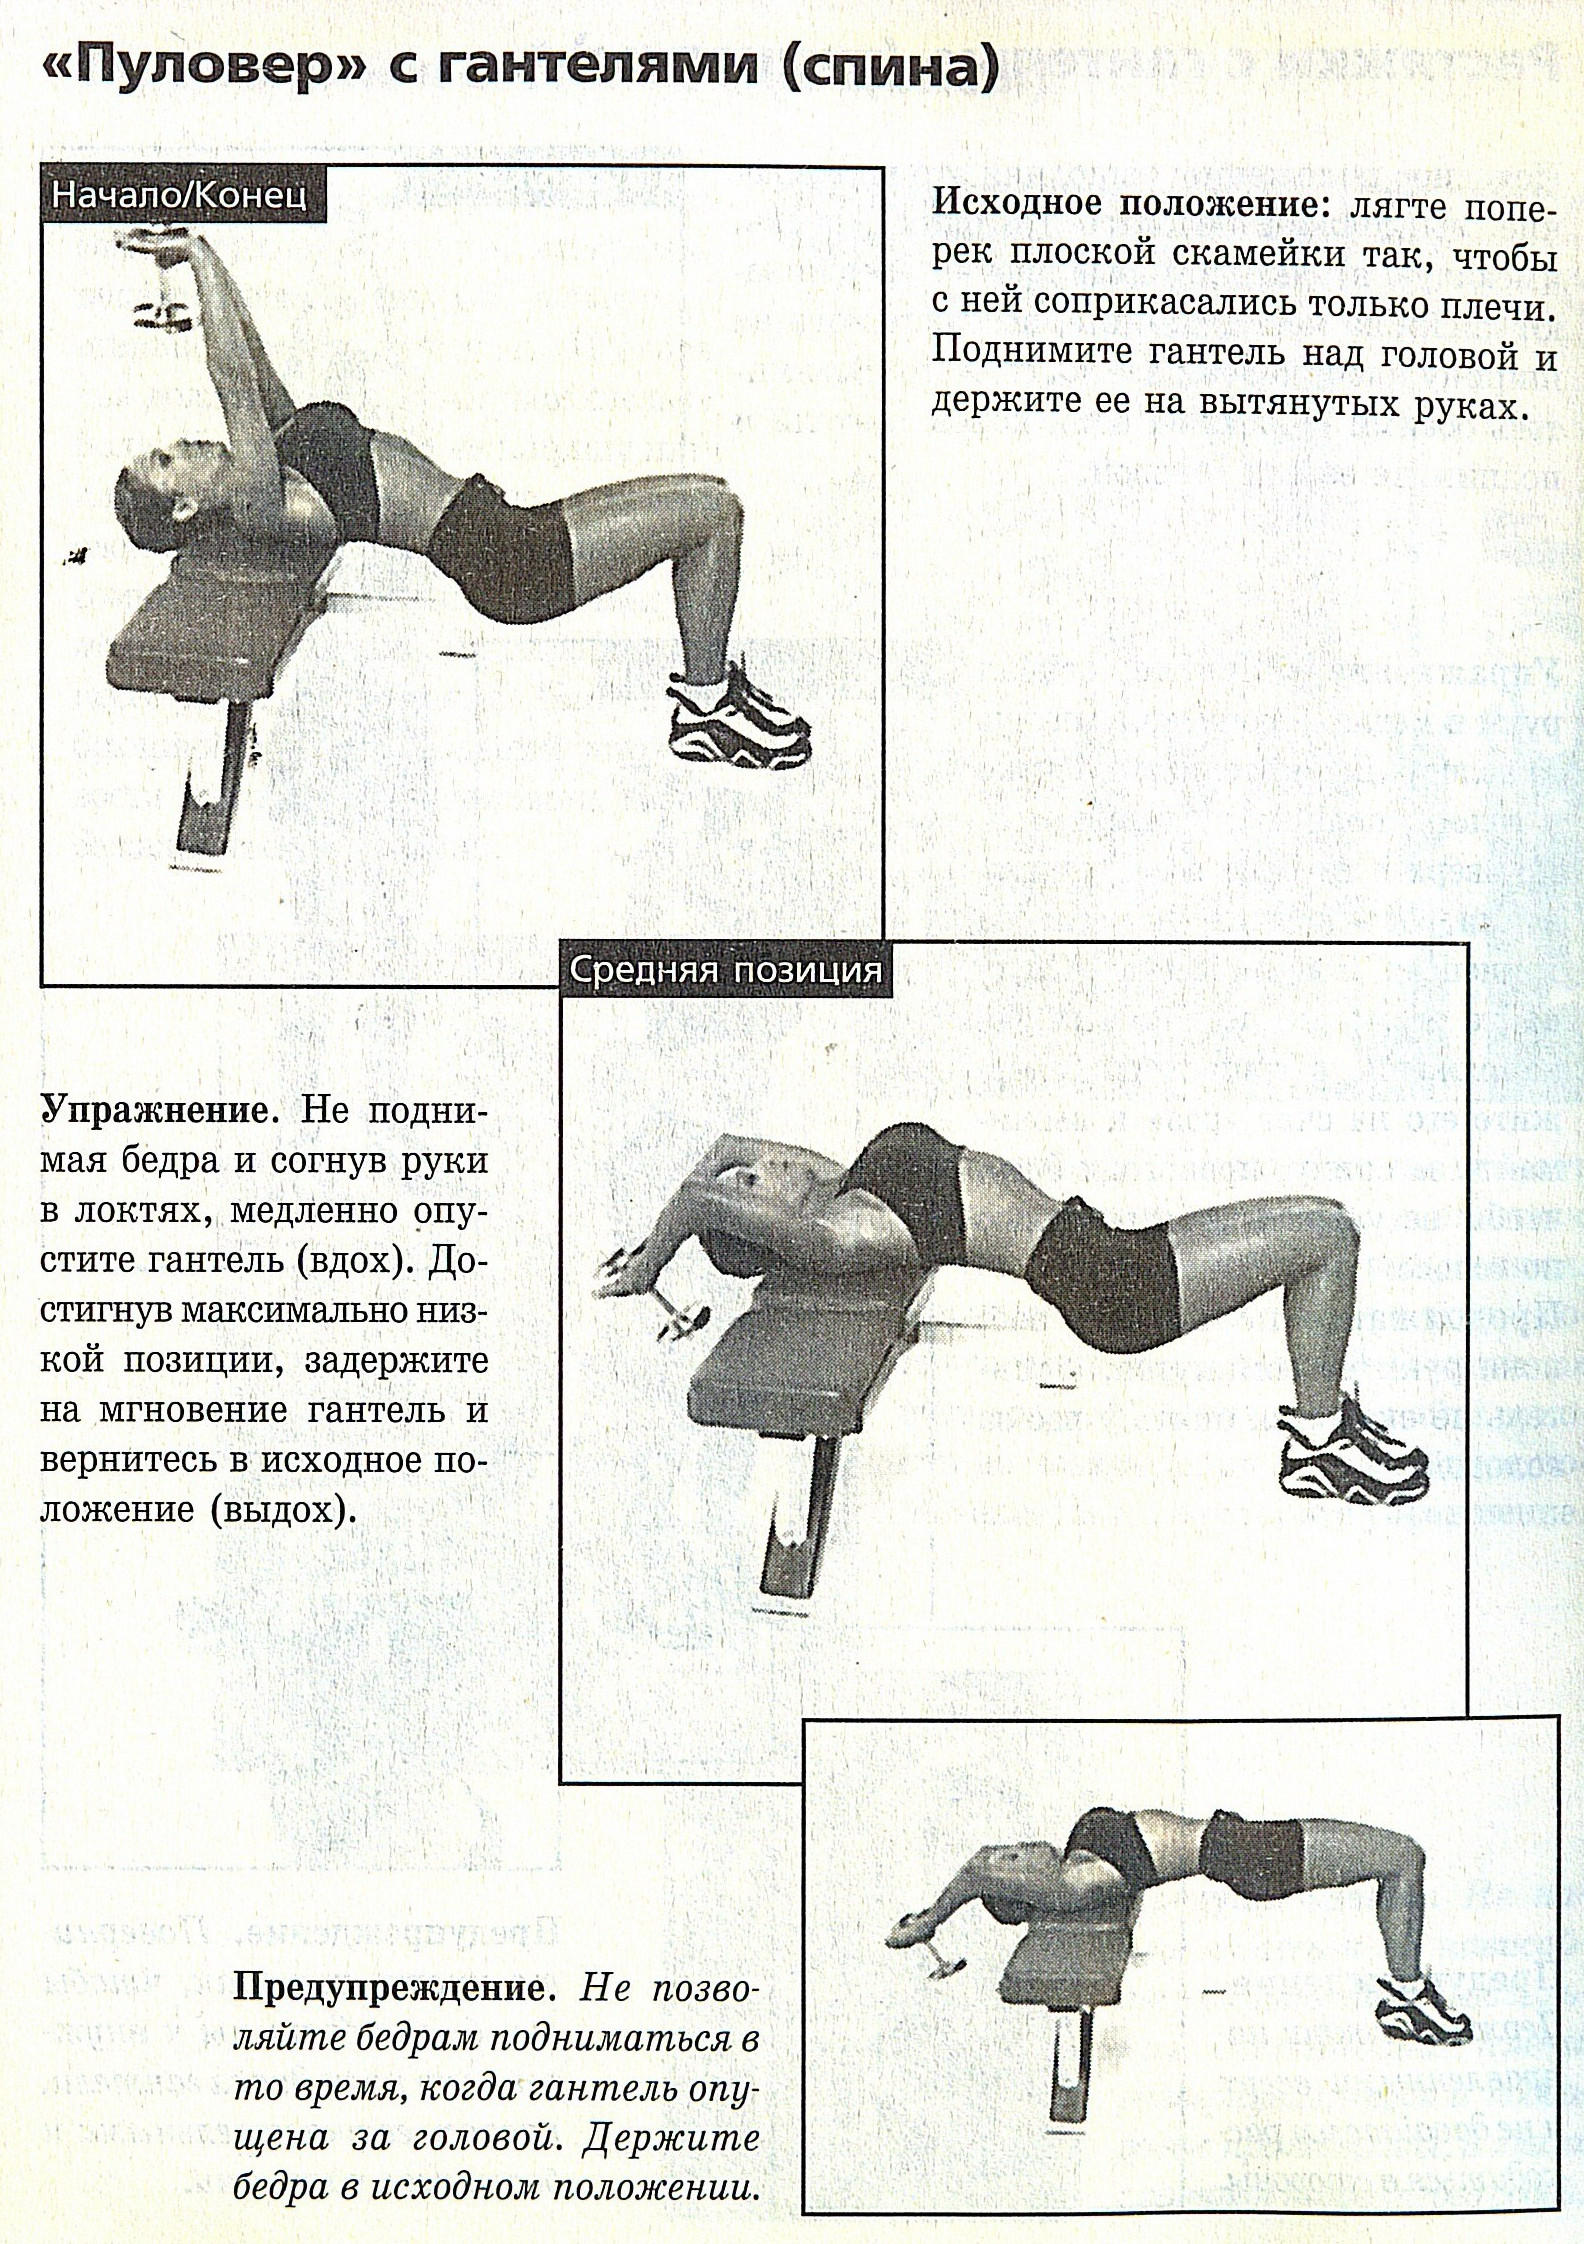 Как накачать мышцы спины в домашних условиях - ВАШ СПОРТ